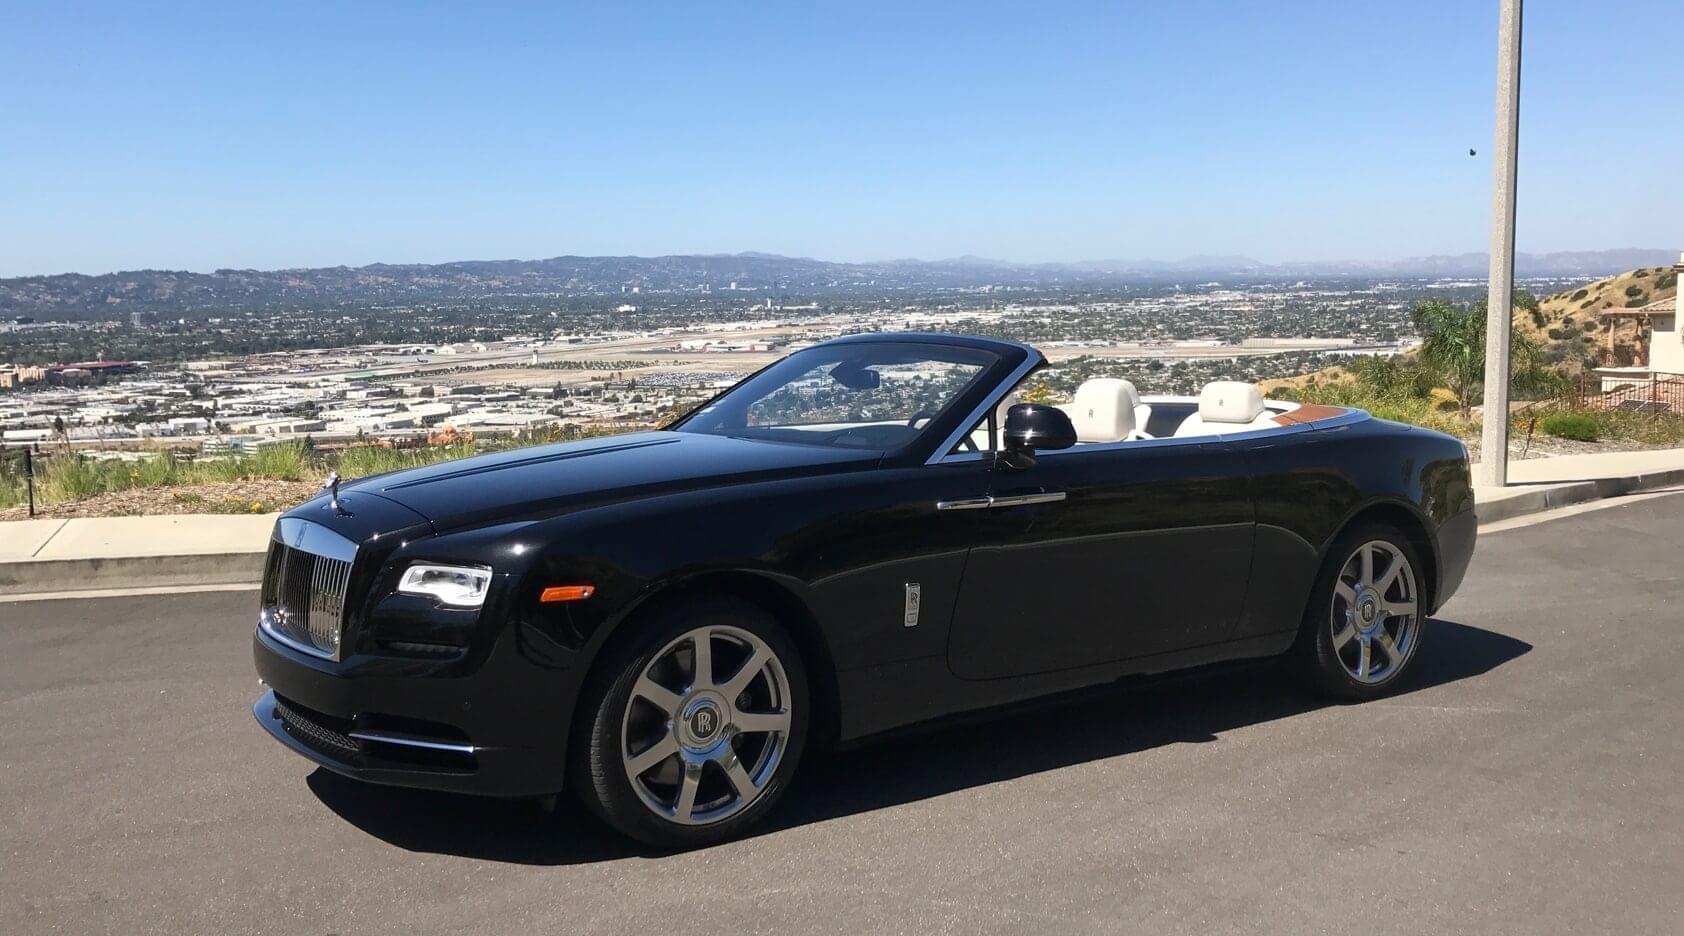 Rolls Royce Dawn Black 2 Door Convertible Exotic Cars